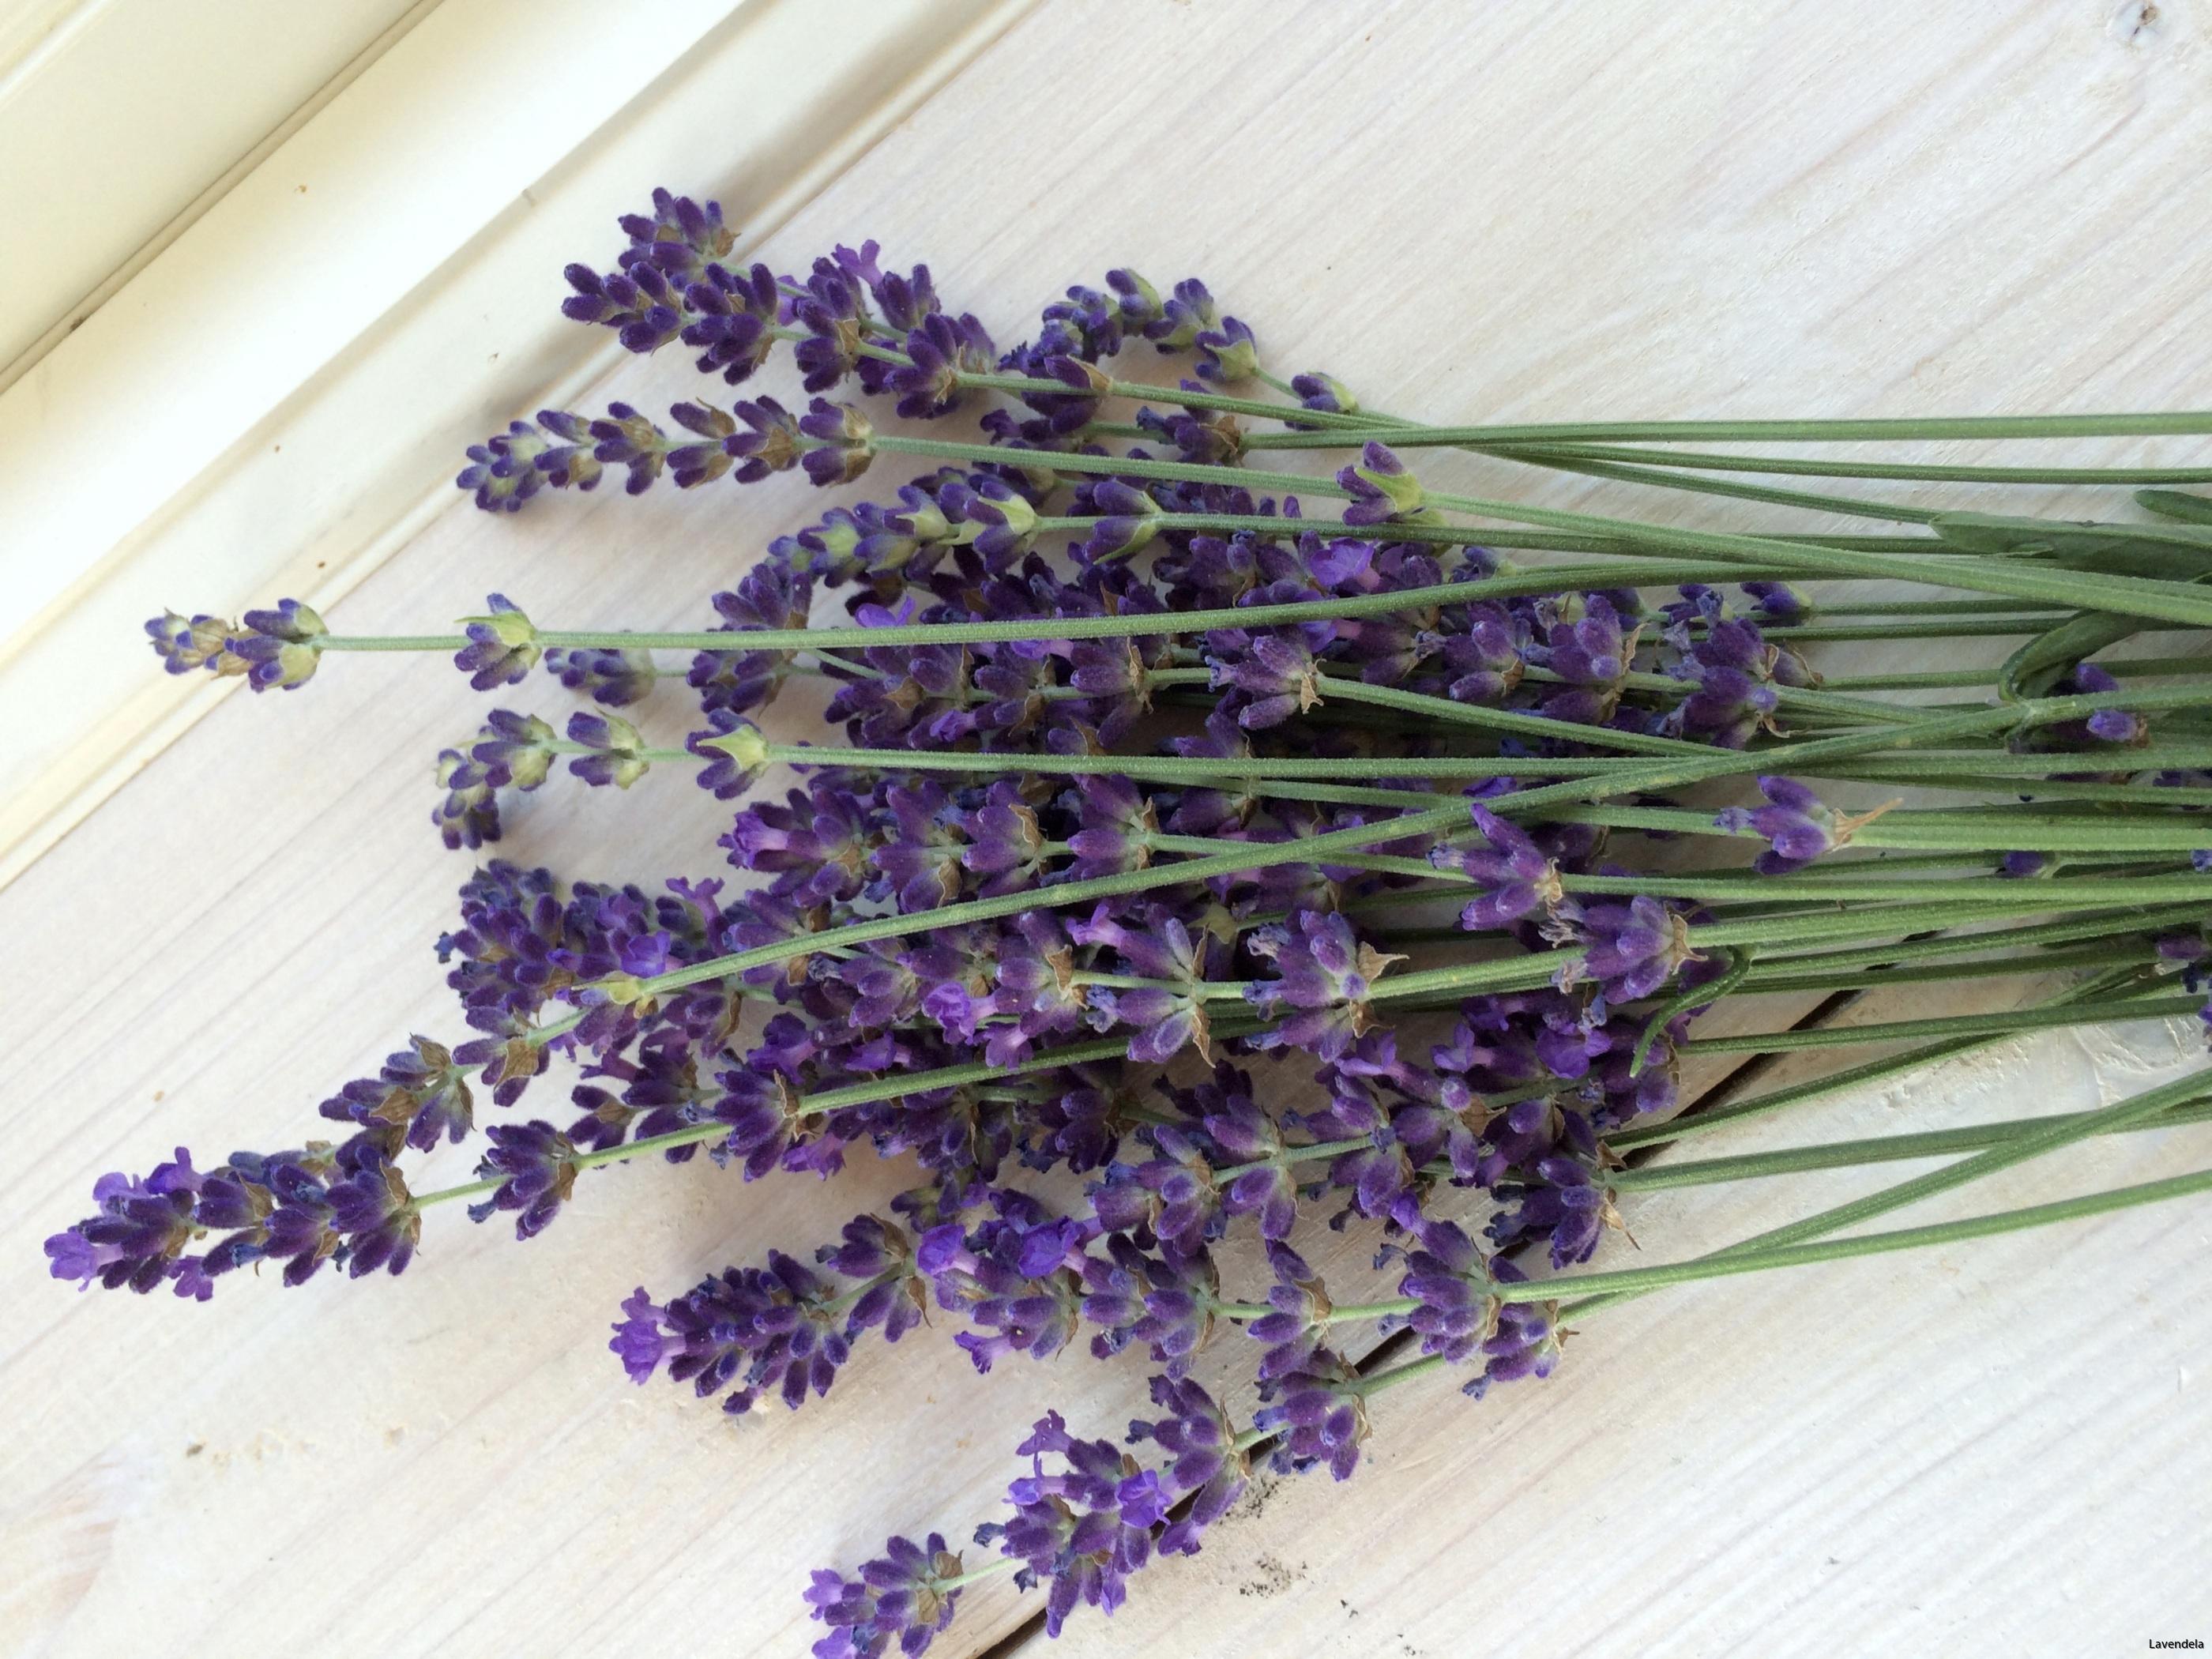 Egen odlad lavendel.